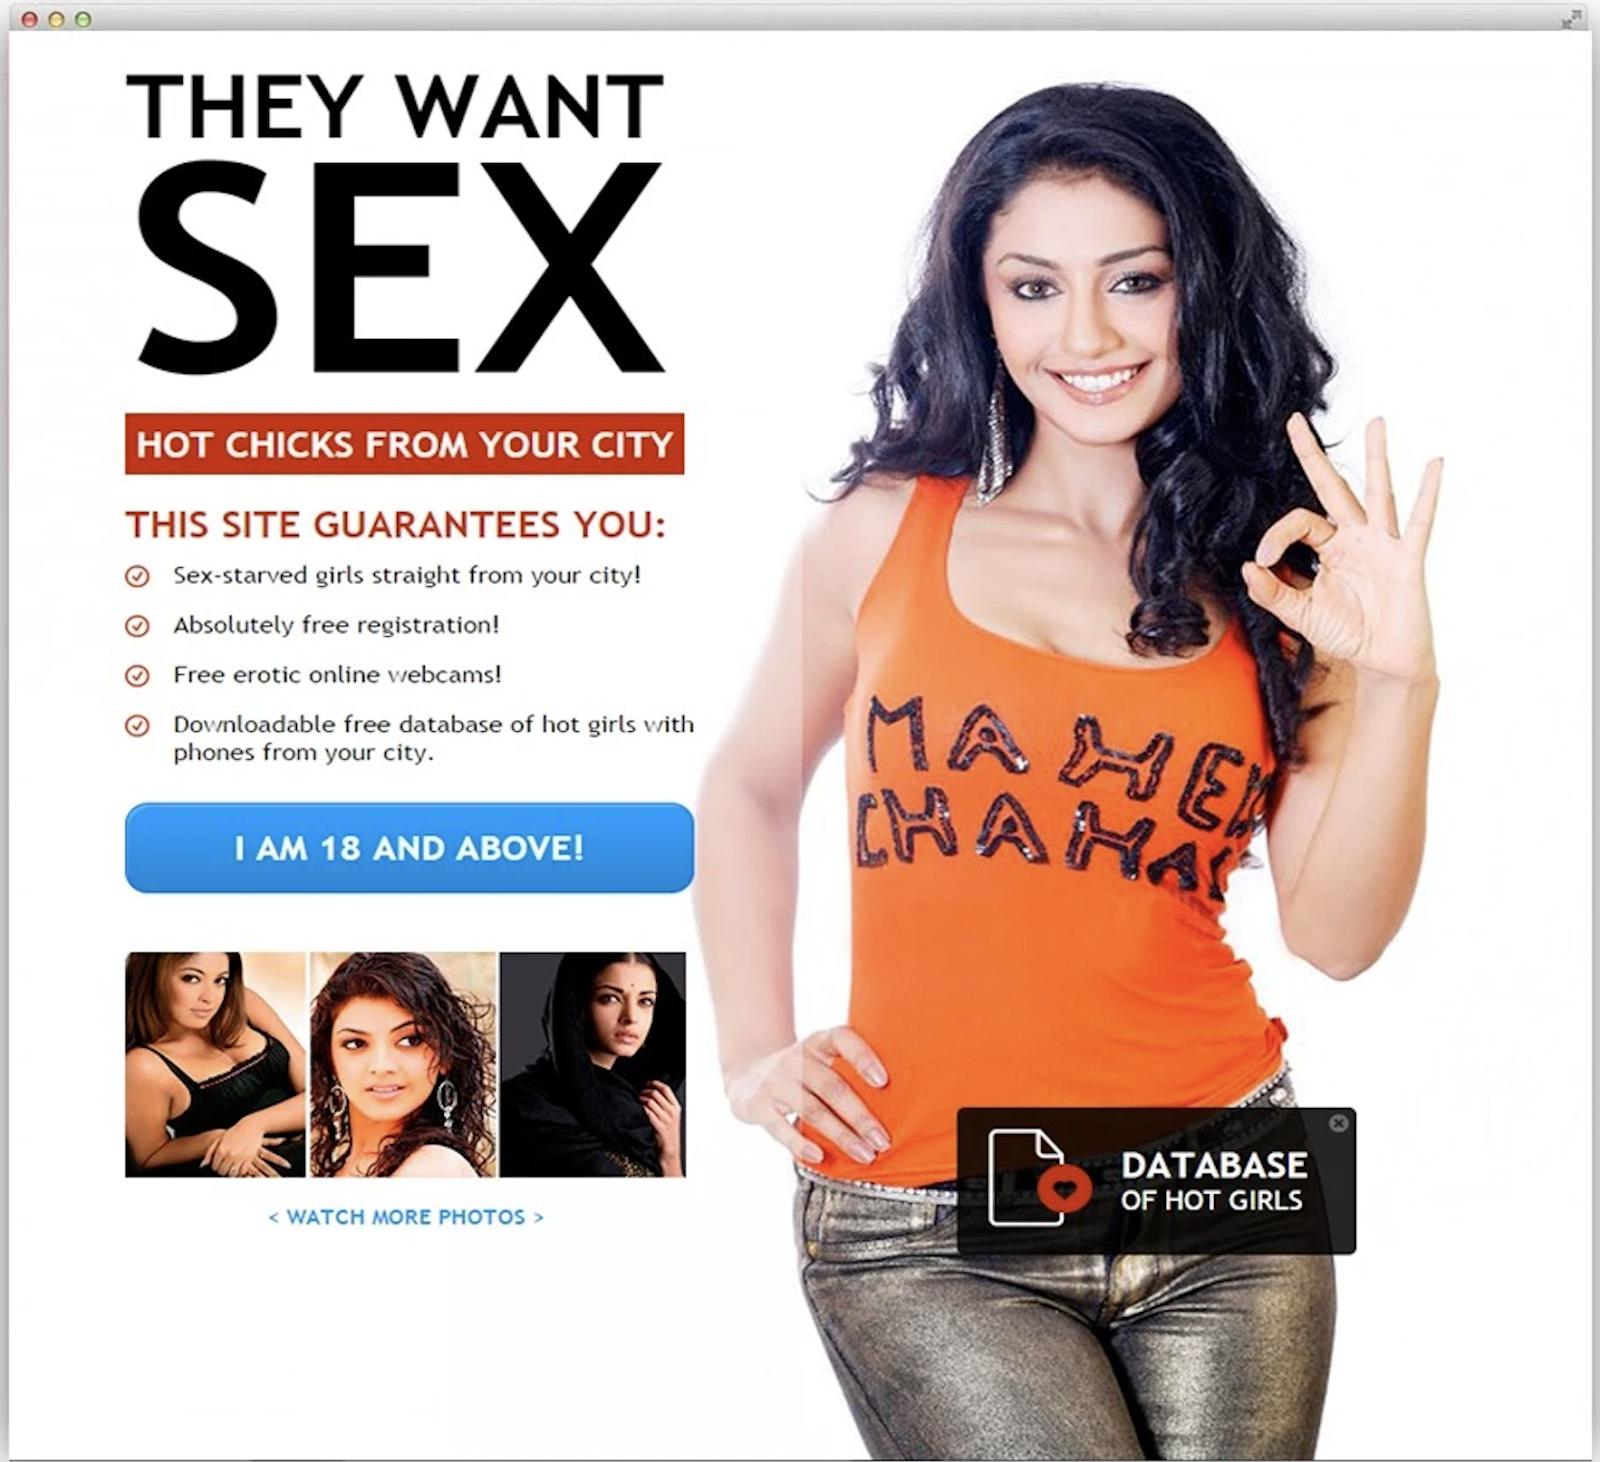 Ein Bild, das Text, orange, Screenshot enthält.Automatisch generierte Beschreibung